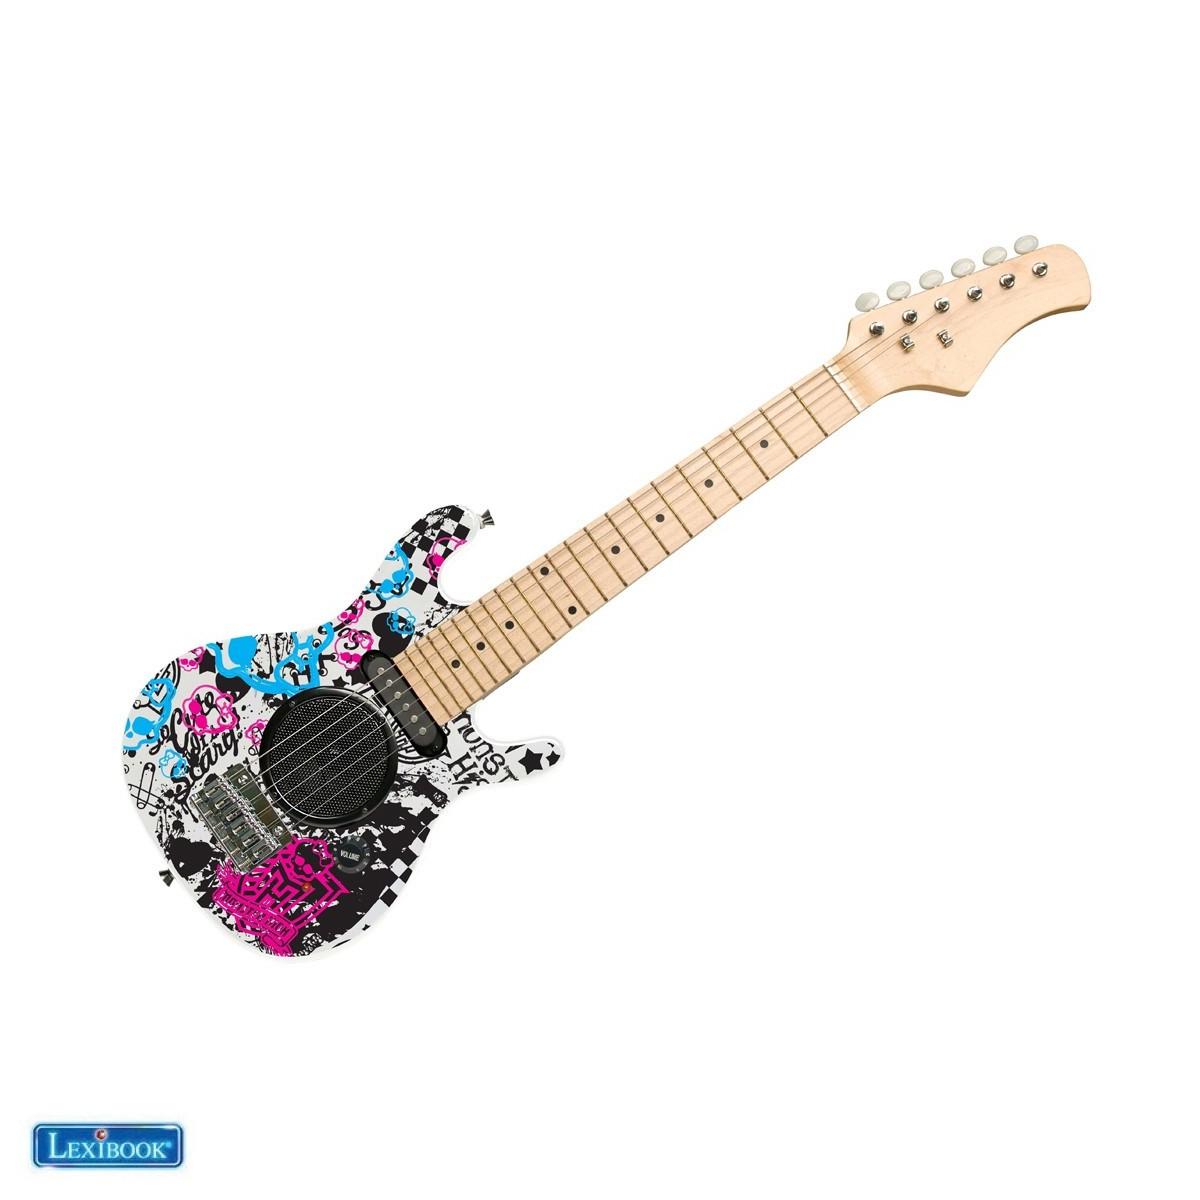 K2500L Guitare électrique avec ampli intégré 6W, design 100% girly - Lexibook